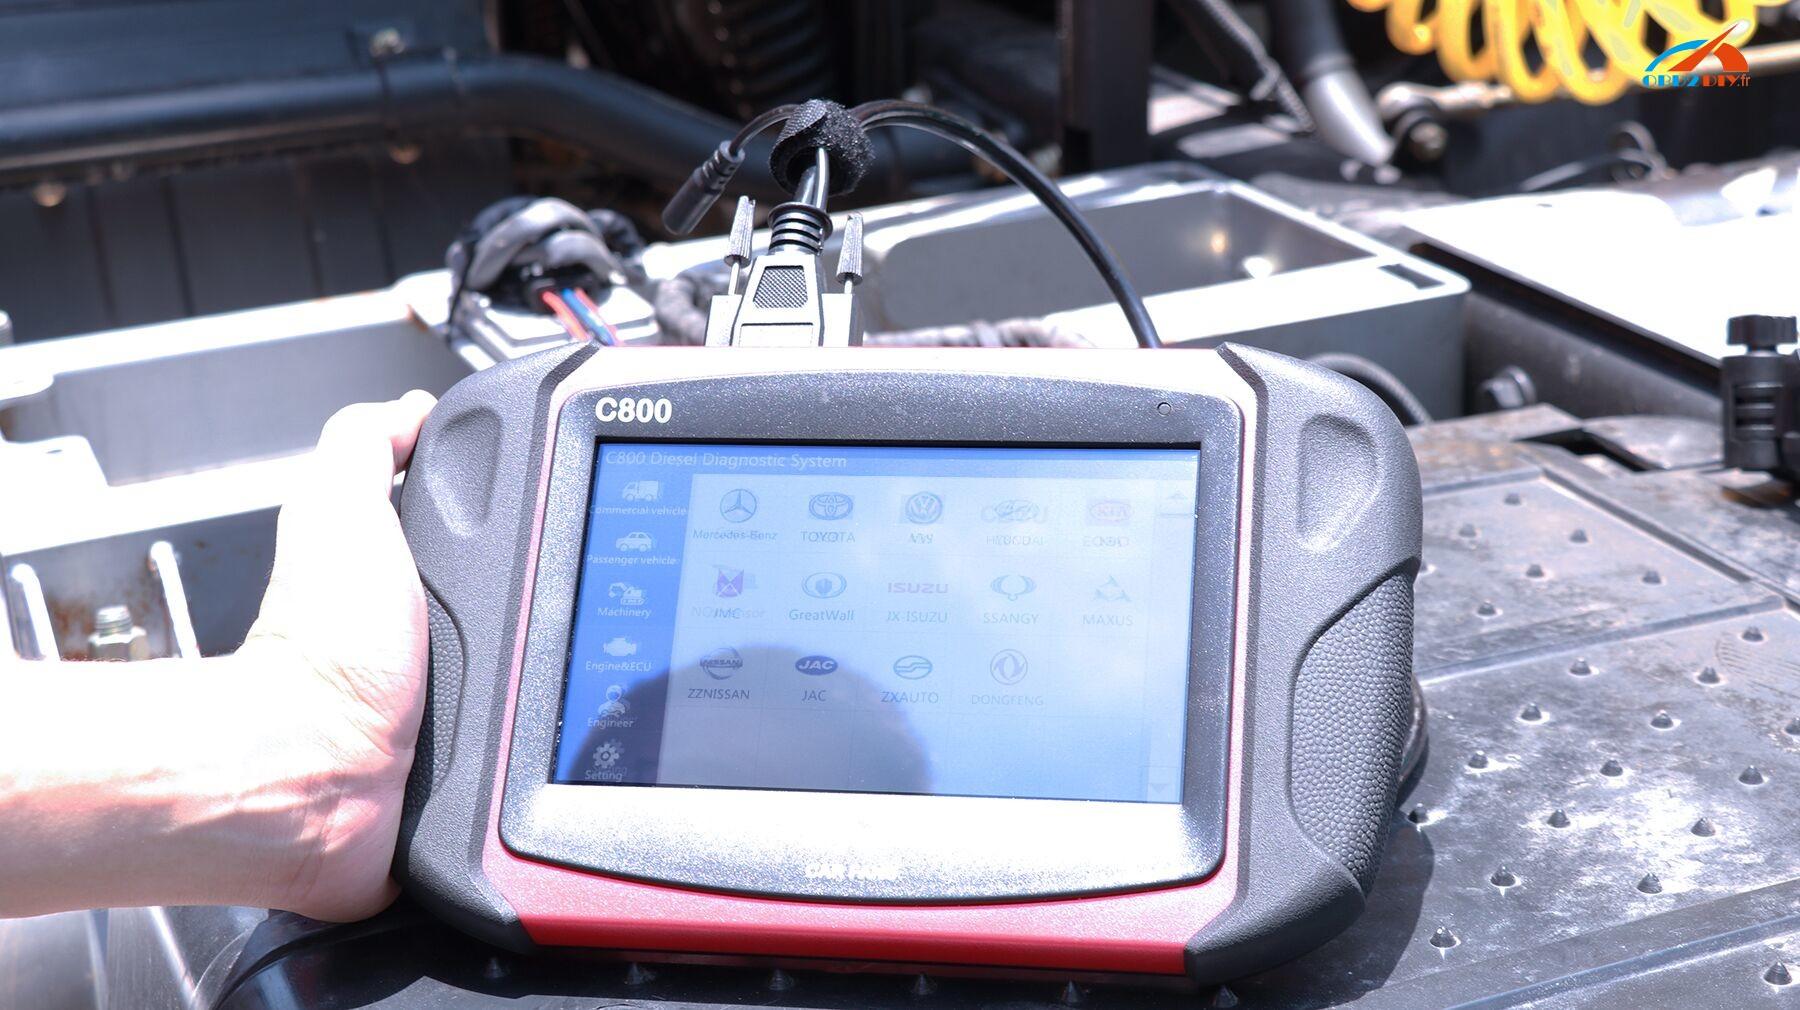 car-fans-c800-nox-sensor-3